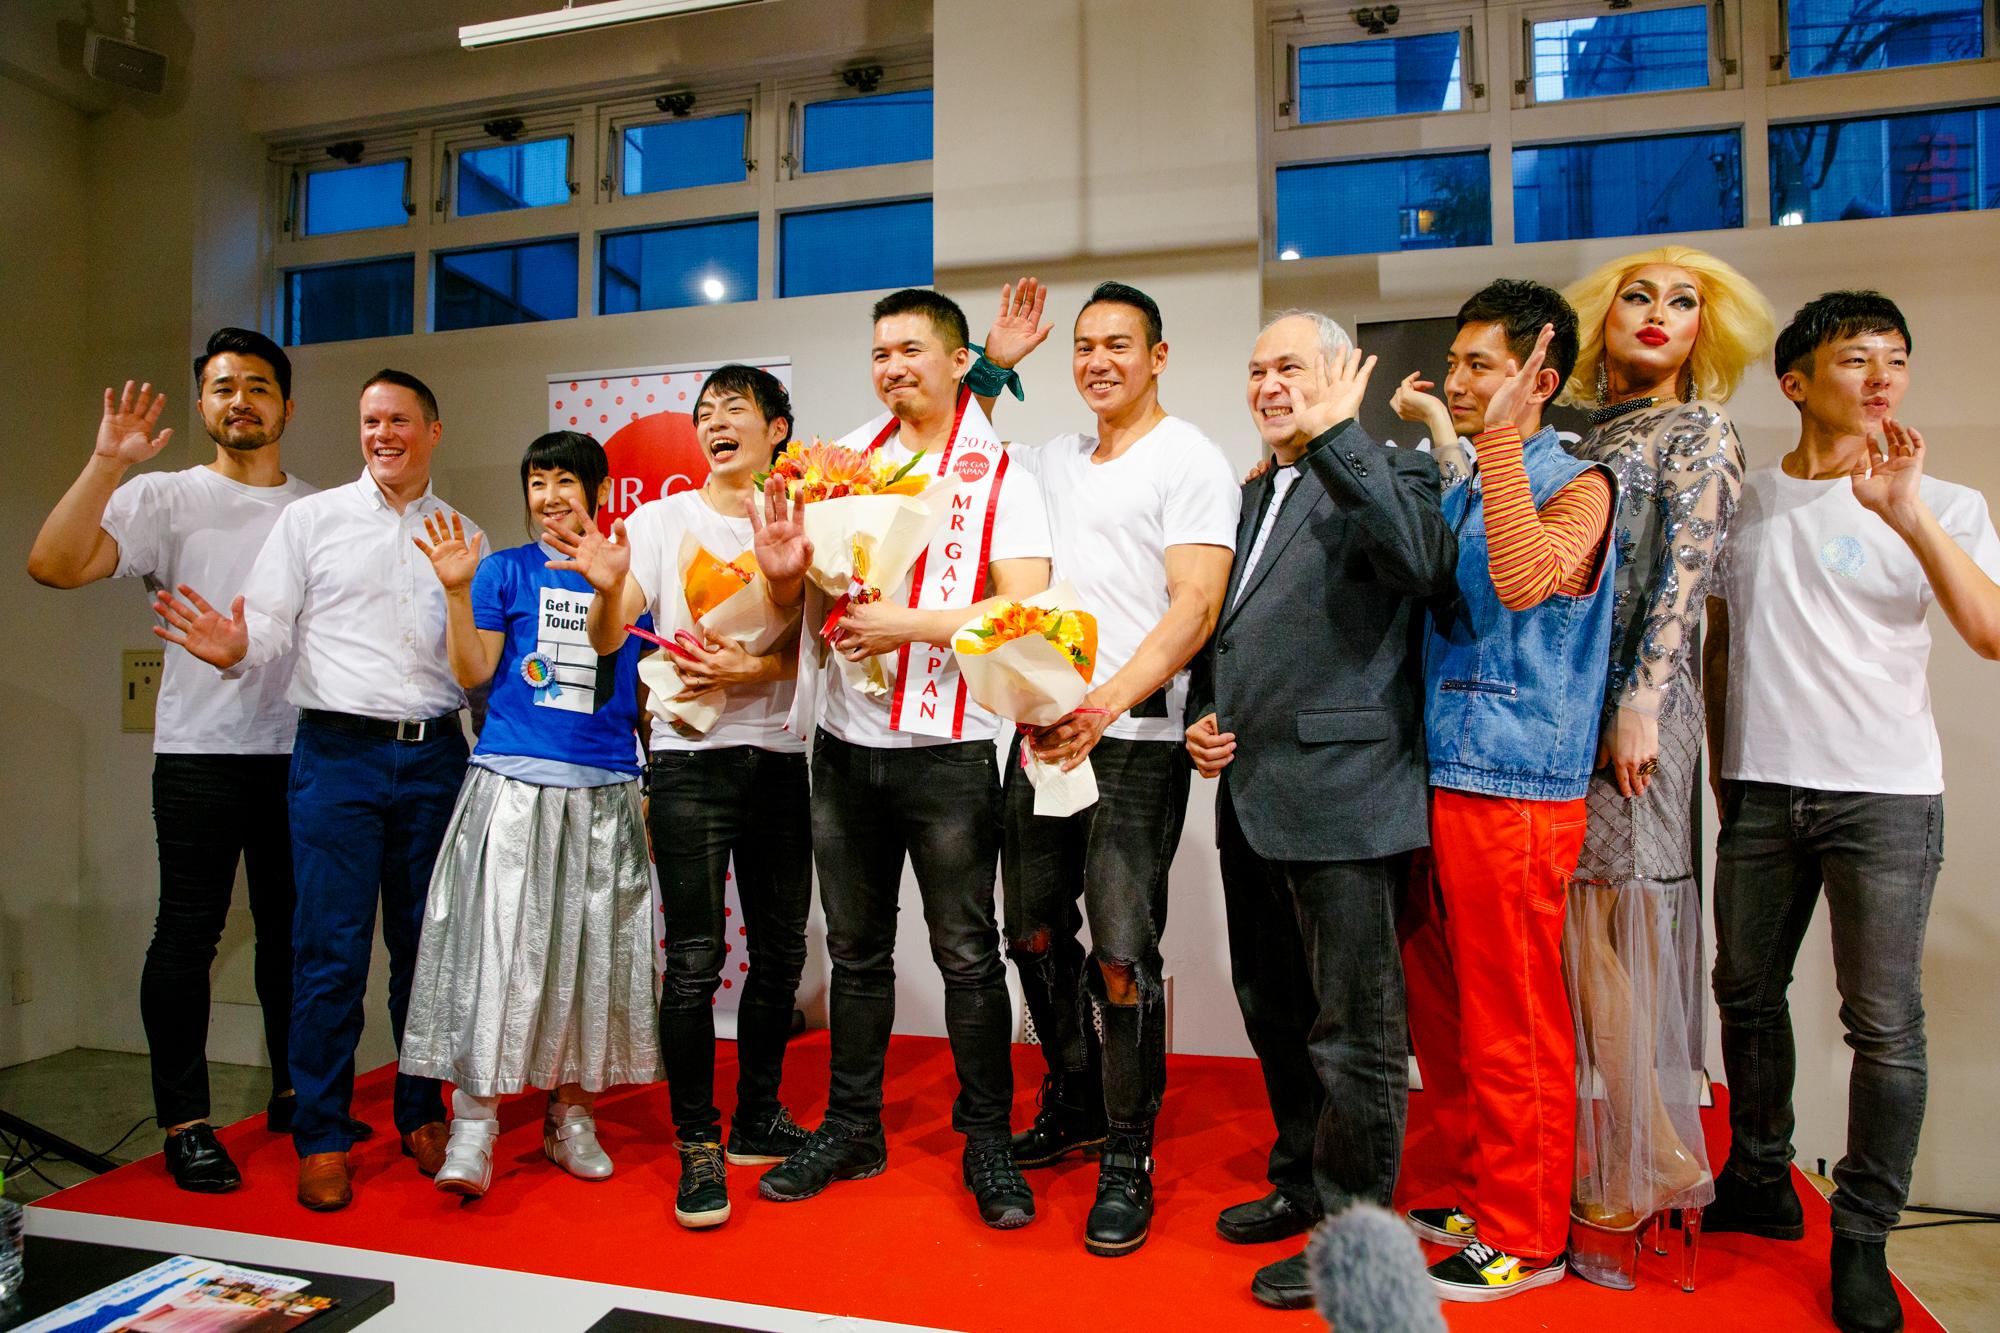 「MR GAY WORLD」の日本大会が初開催。日本代表に選ばれたのは...